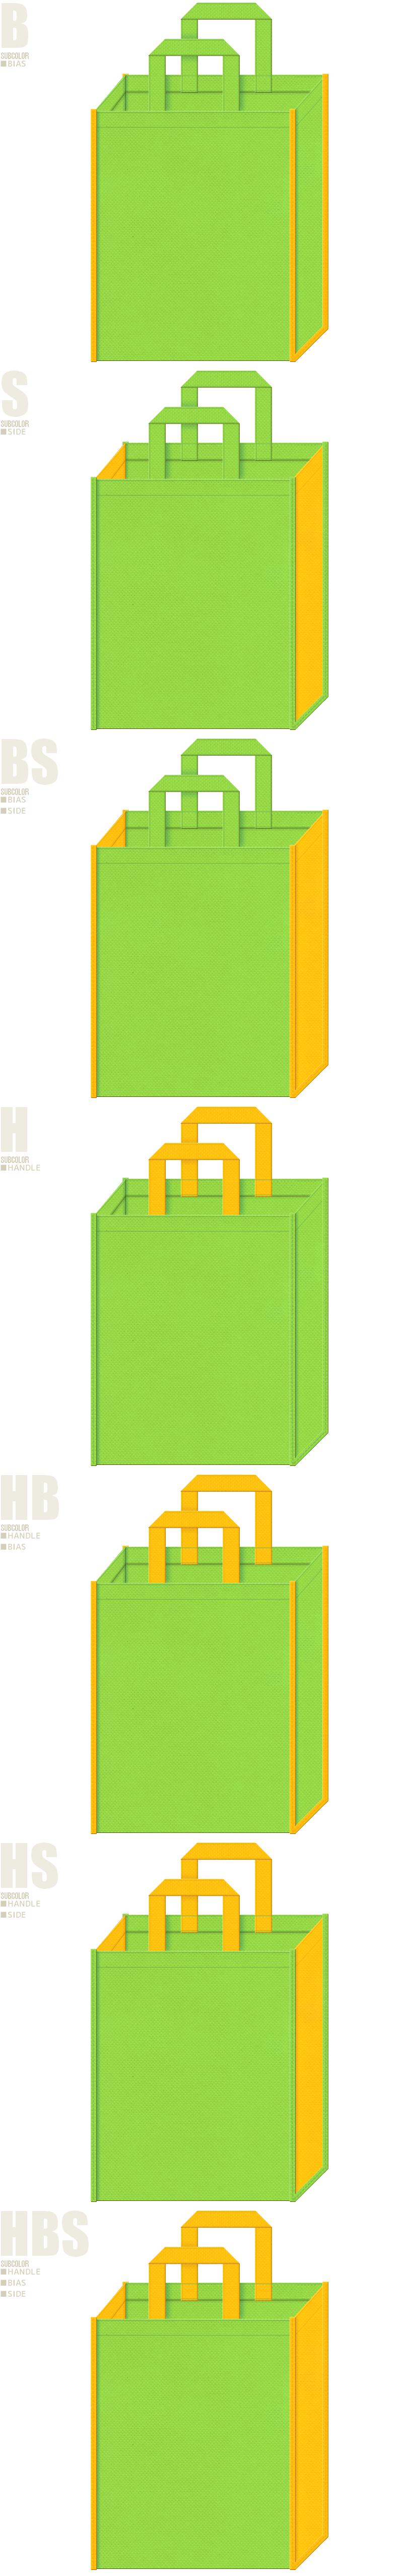 インコ・ひまわり・とうもろこし・たんぽぽ・アブラナ・菜の花・テーマパークのイベントにお奨めの不織布バッグデザイン:黄緑色と黄色の配色7パターン